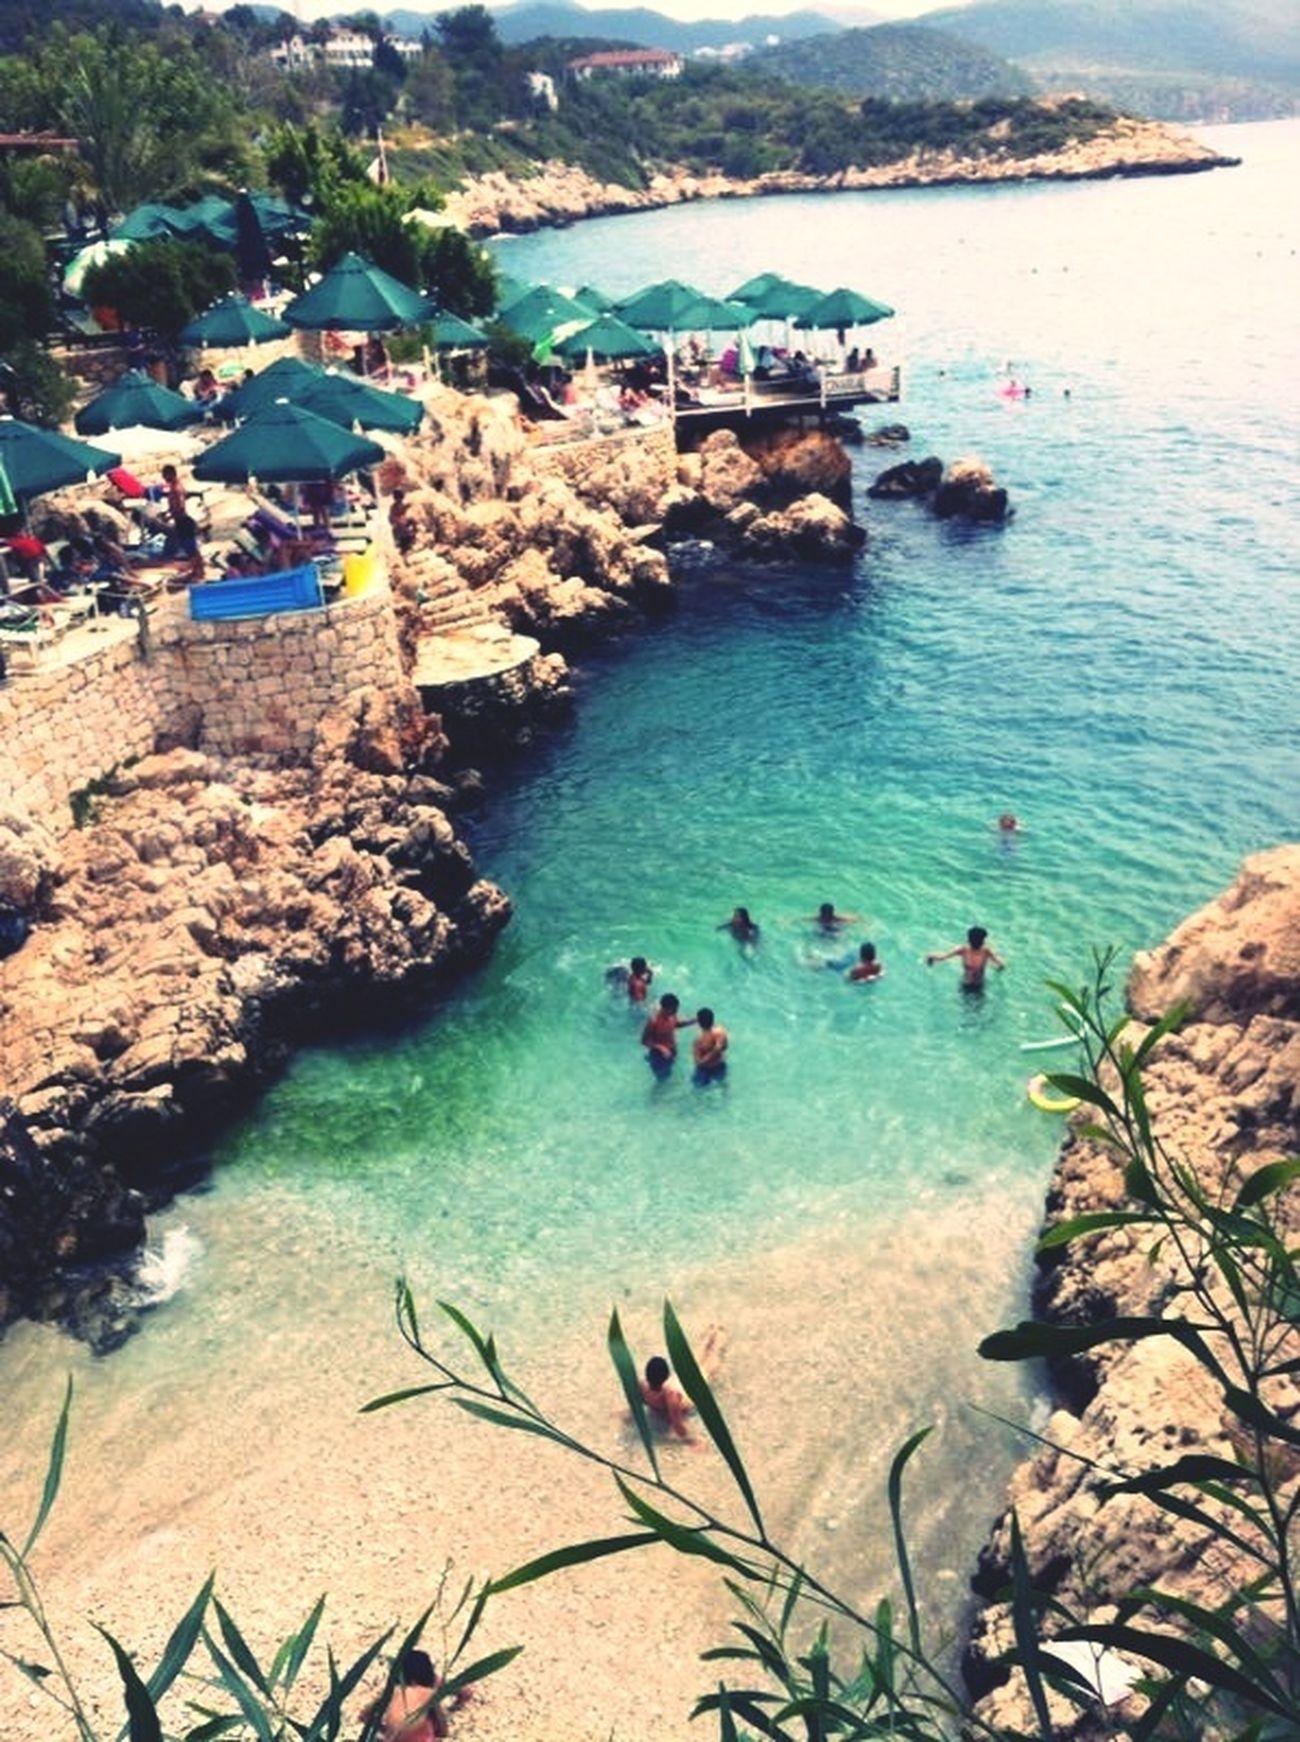 Kas #kalkan #summer #sea #holiday #tatil